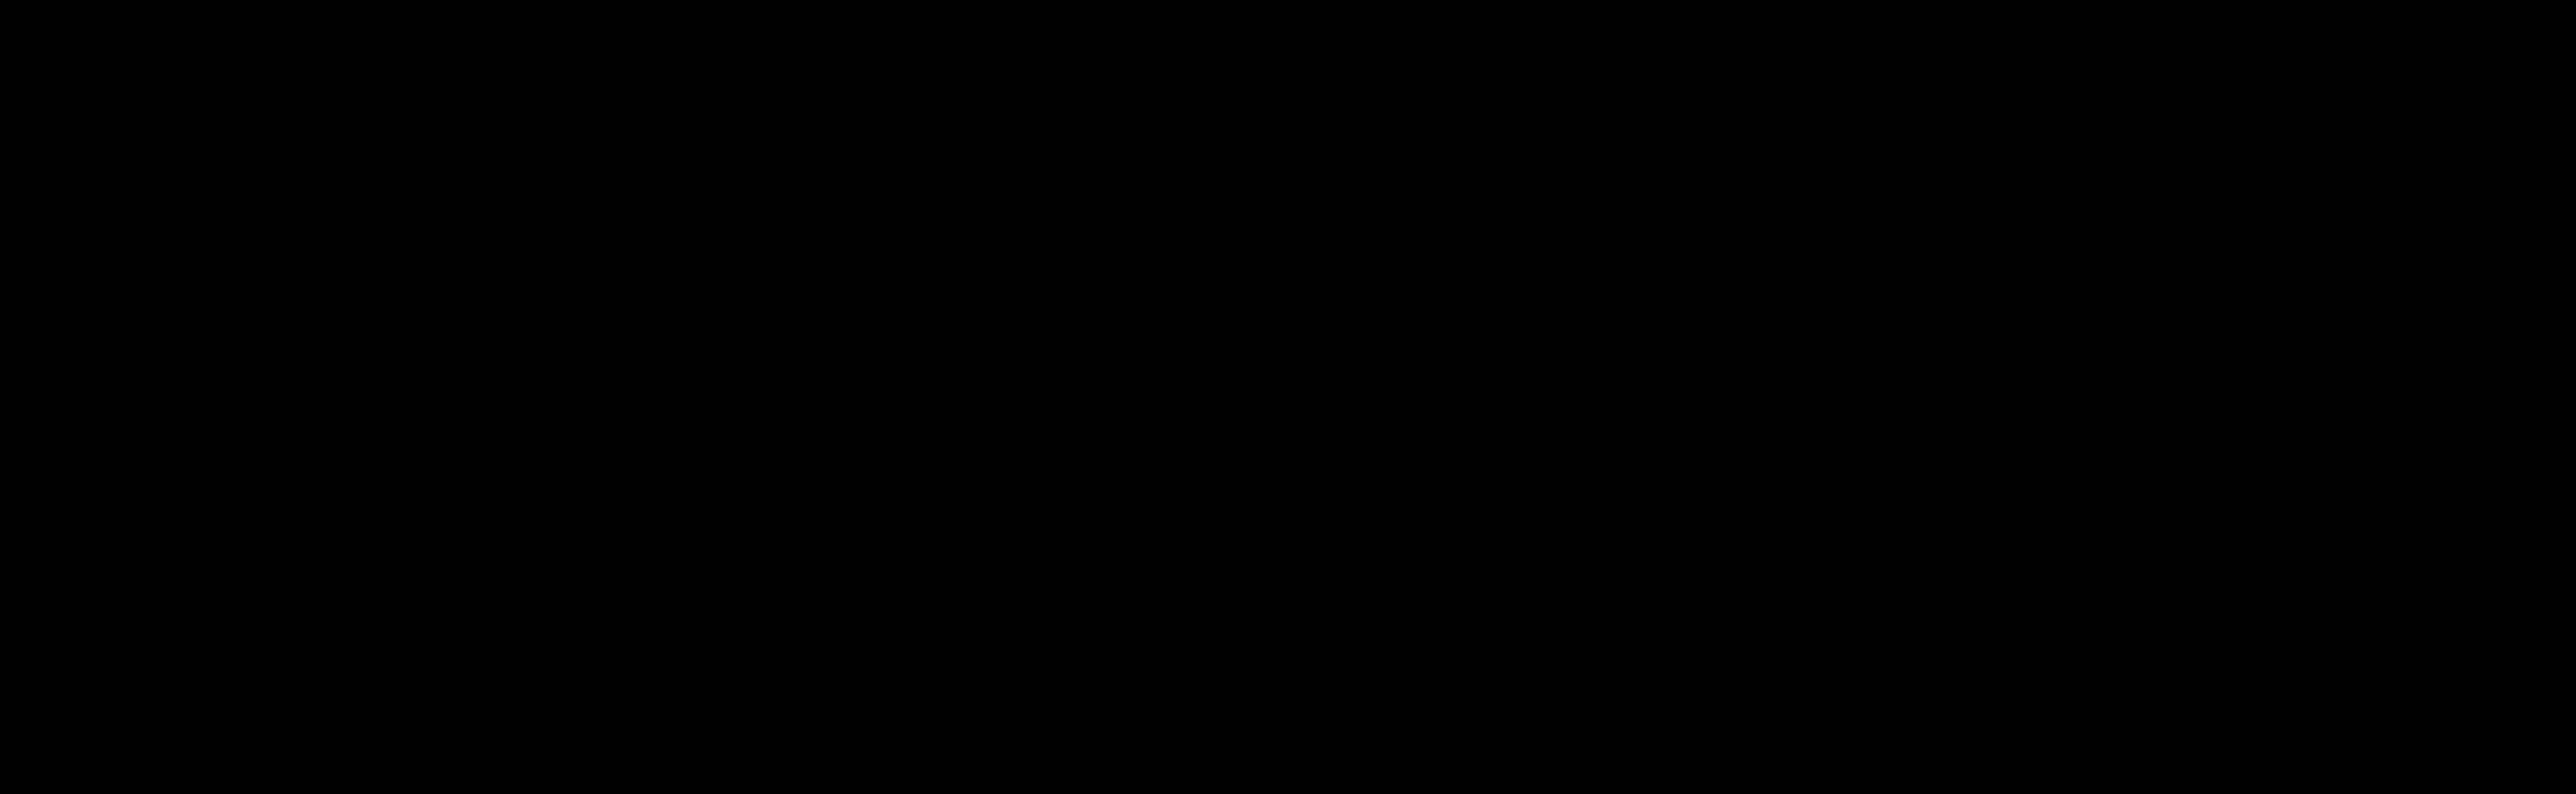 VENDOR FORMS